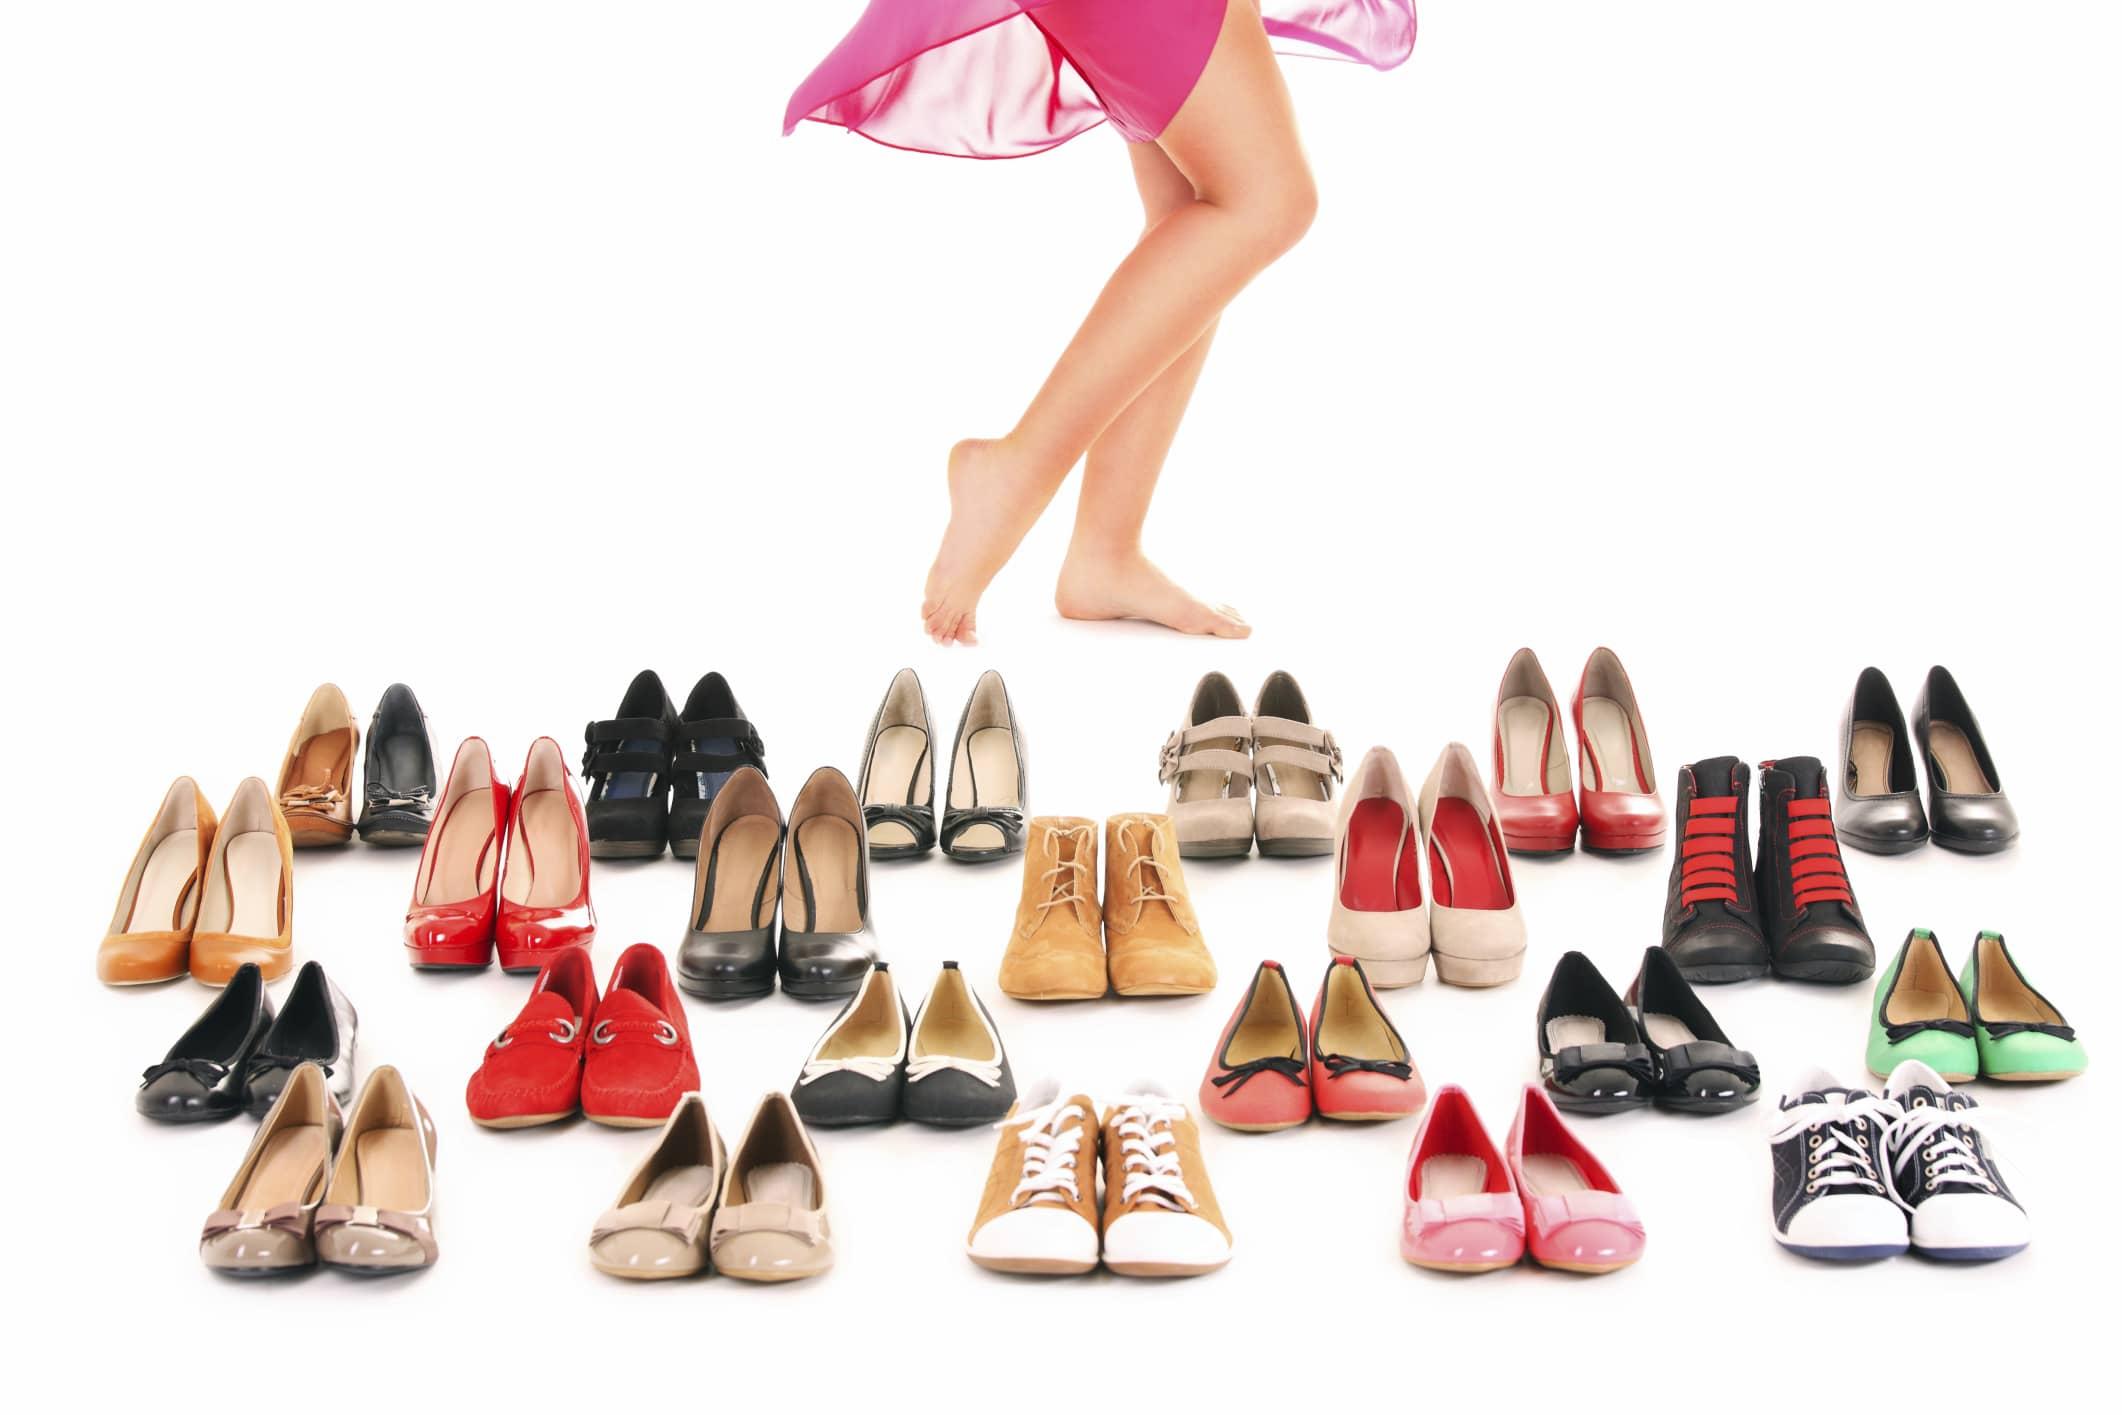 Сколько обуви нужно женщине, для полного счастья? Считаем вместе.